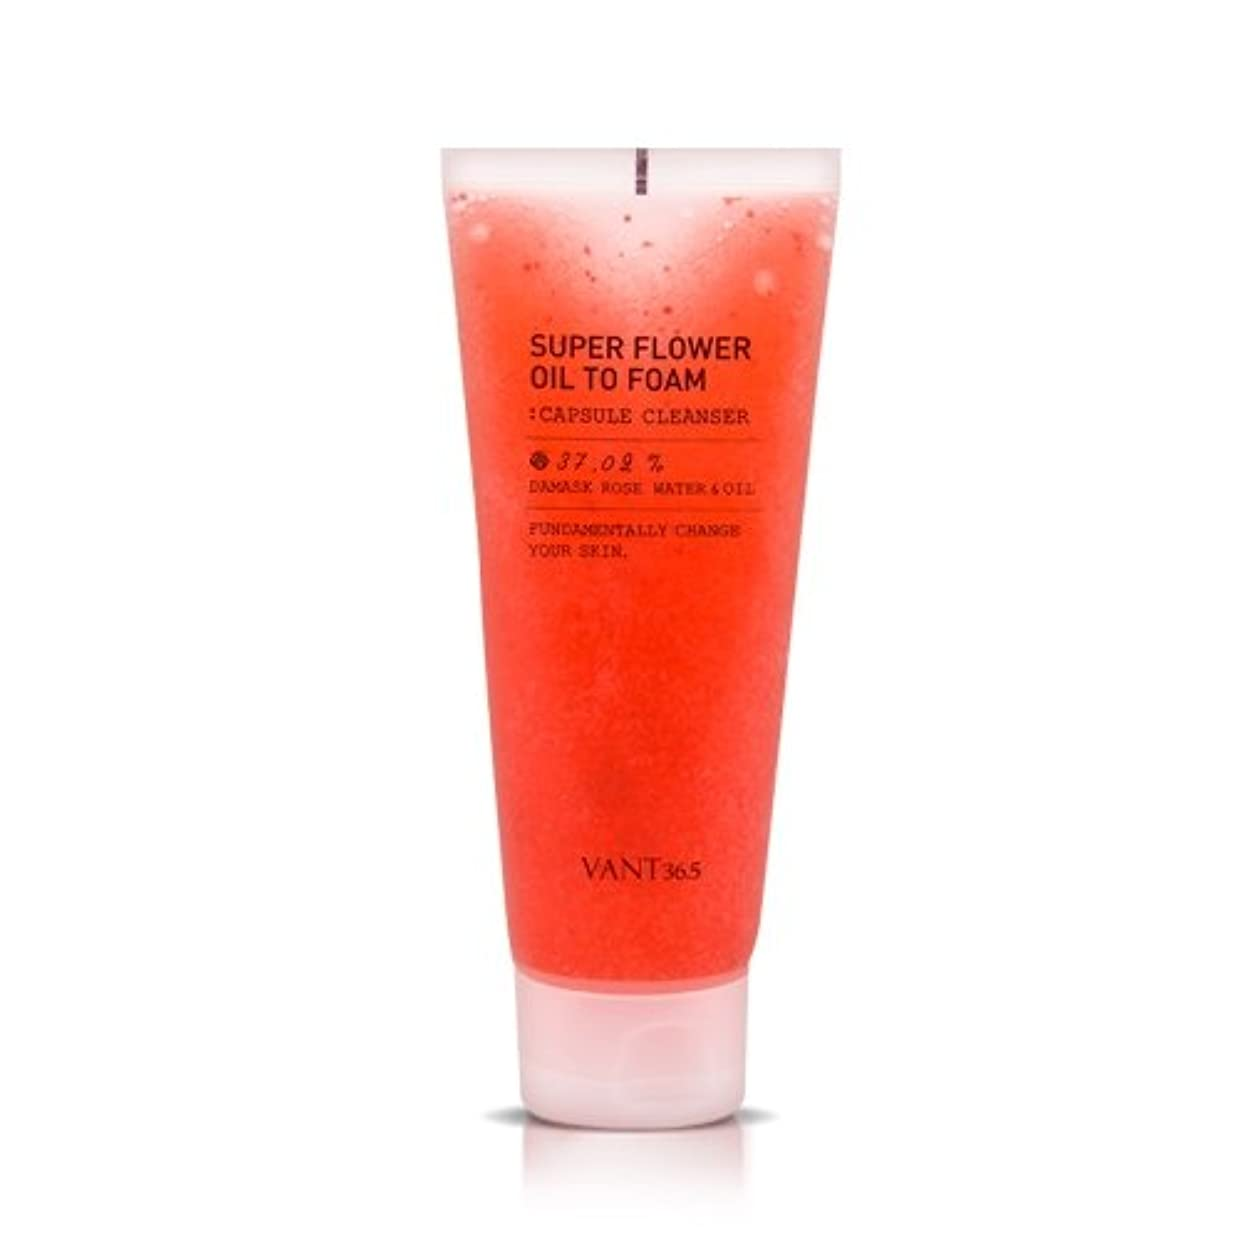 ロマンチック思いやりのある透明に[New] VANT36.5 Super Flower Oil To Foam 120ml/バント36.5 スーパー フラワー オイル トゥ フォーム 120ml [並行輸入品]